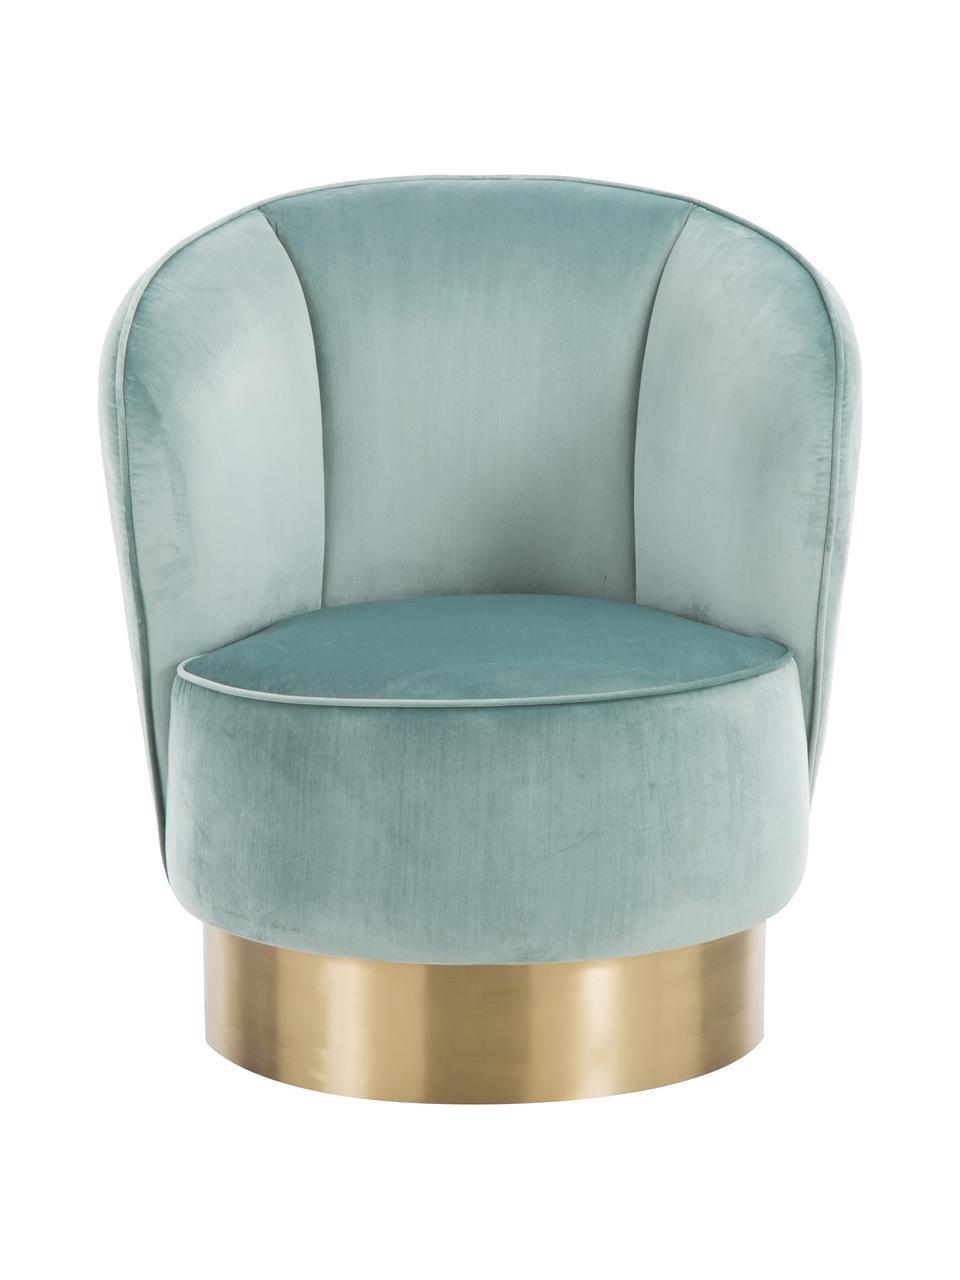 Fotel koktajlowy z aksamitu Olivia, Tapicerka: aksamit (poliester) Dzięk, Aksamitny szałwiowy zielony, S 70 x G 70 cm